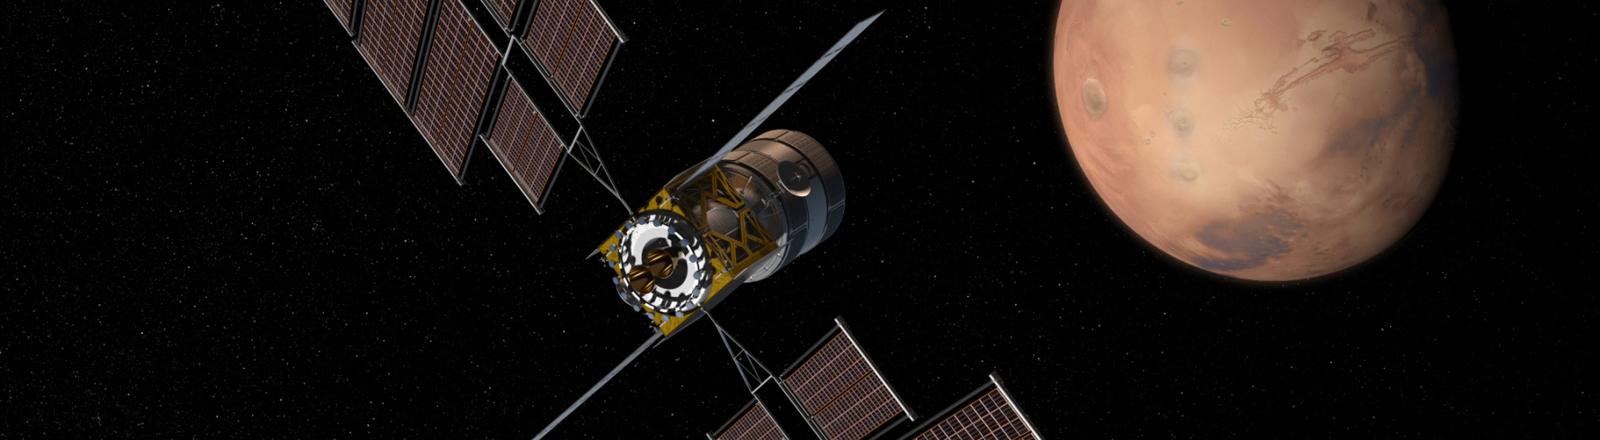 Boeings Raumschiff Deep Space Gateway in einer Simulation